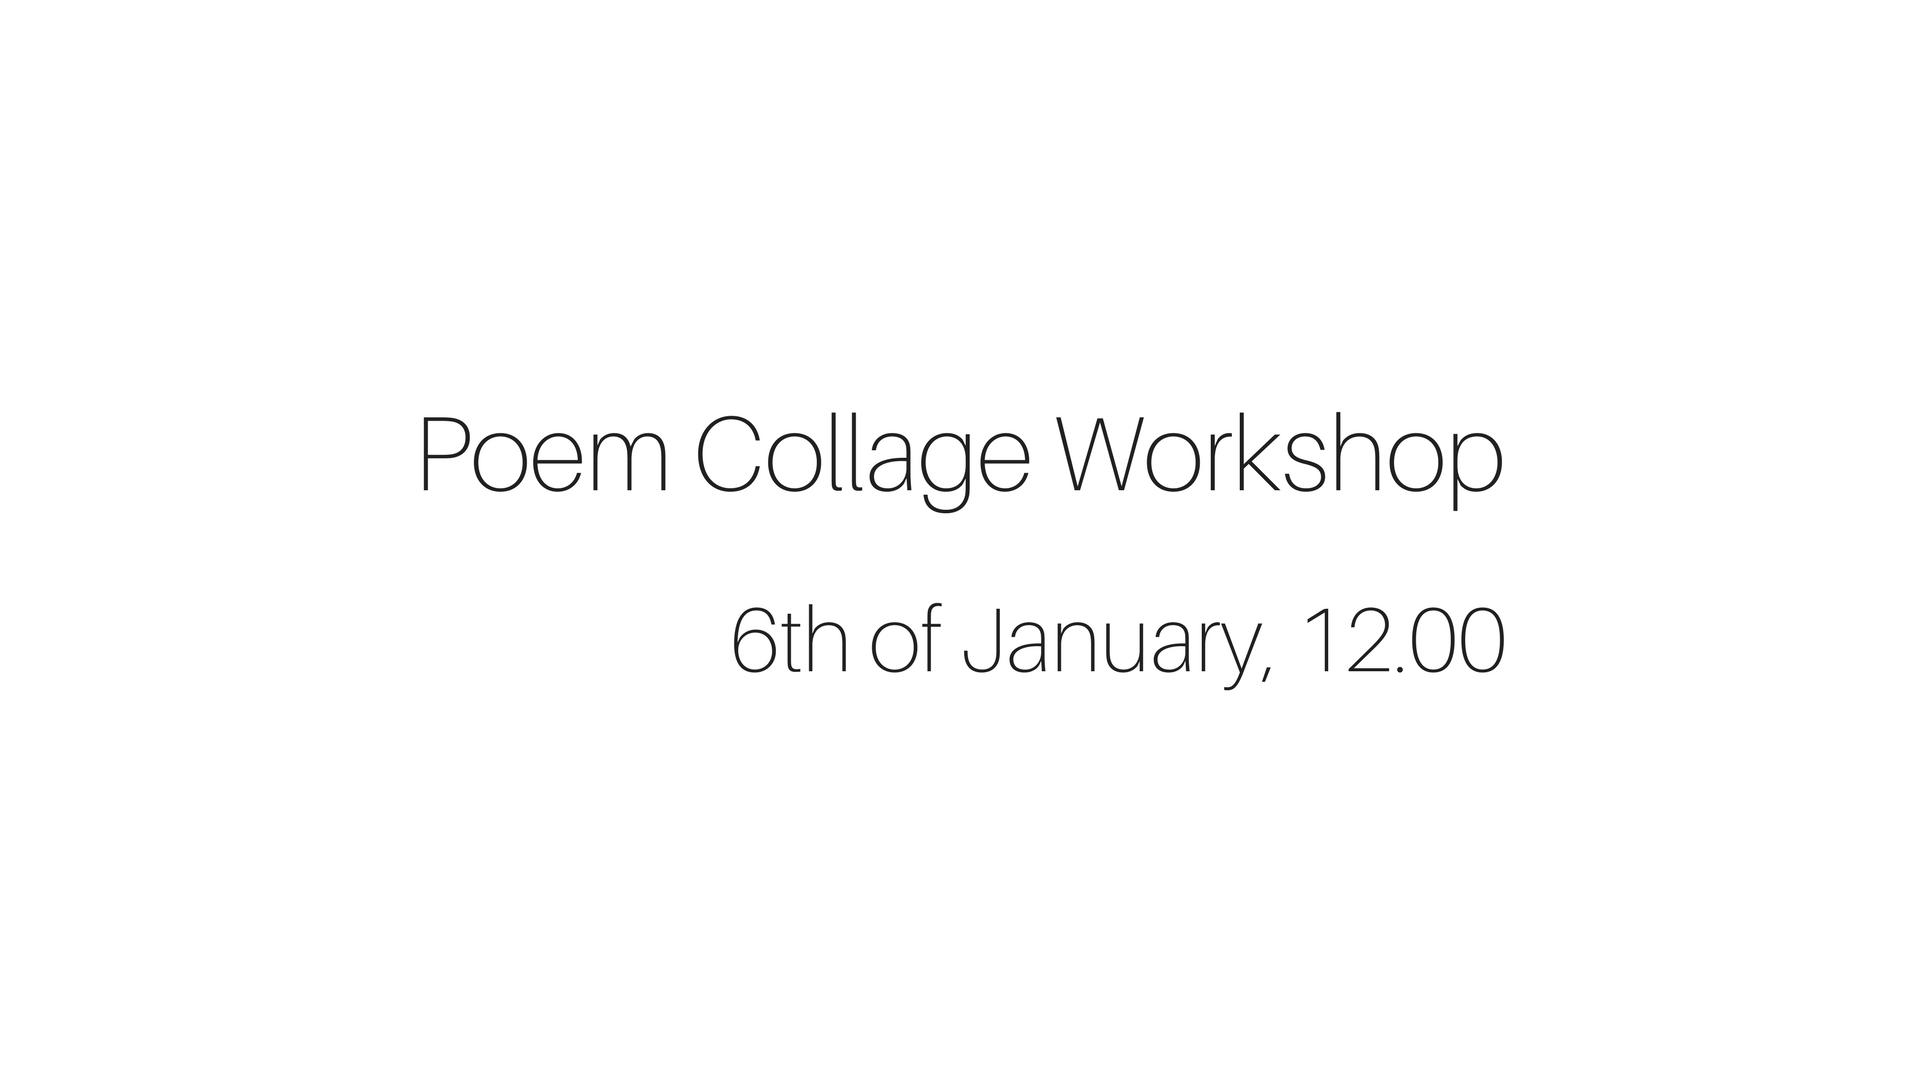 poem collage workshop